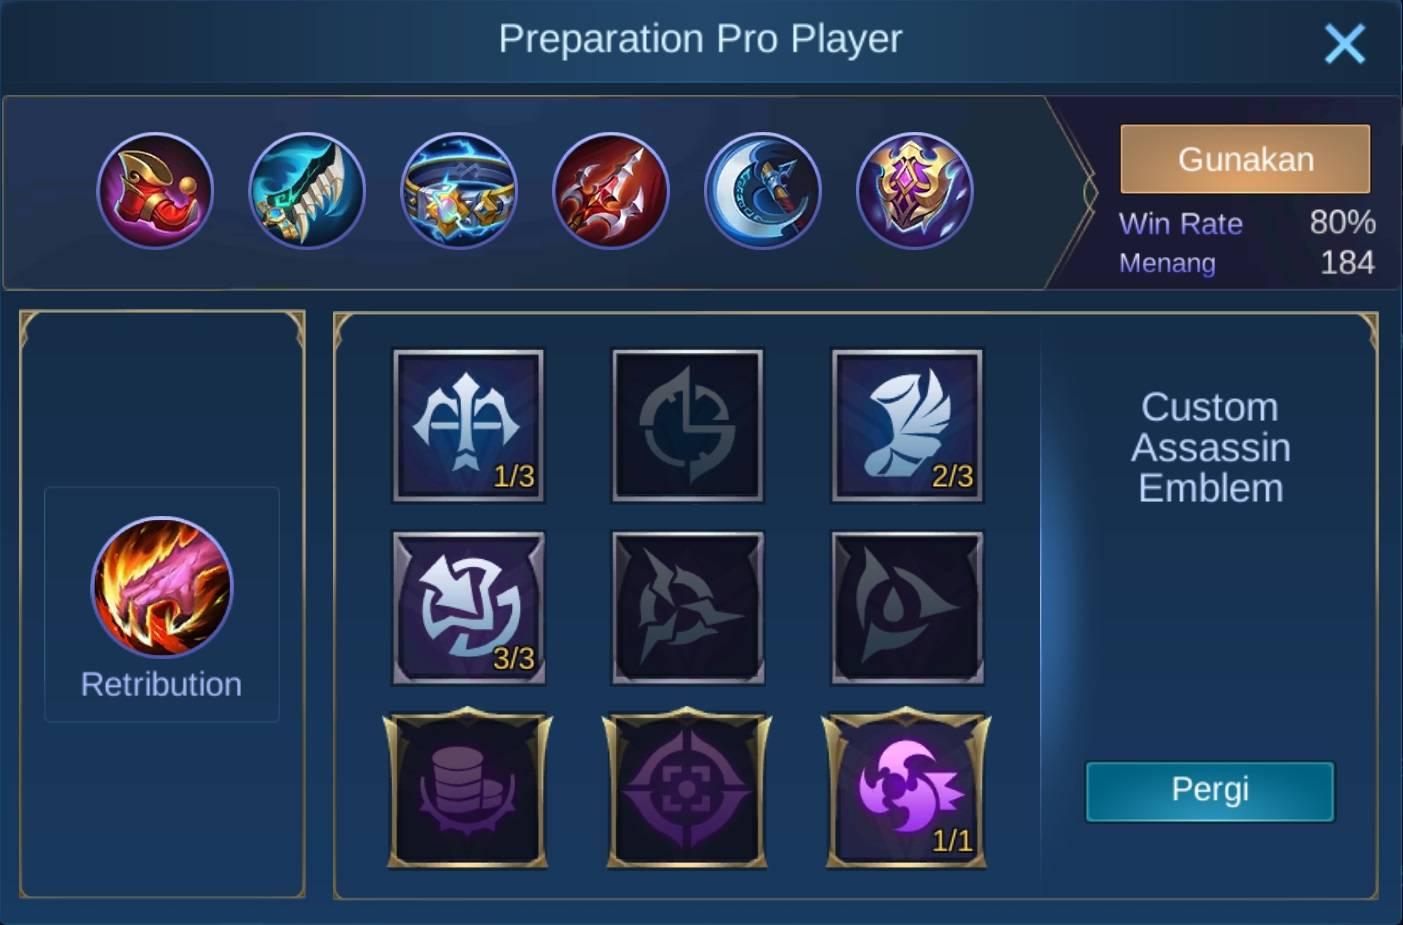 build items clint mobile legends (ML)